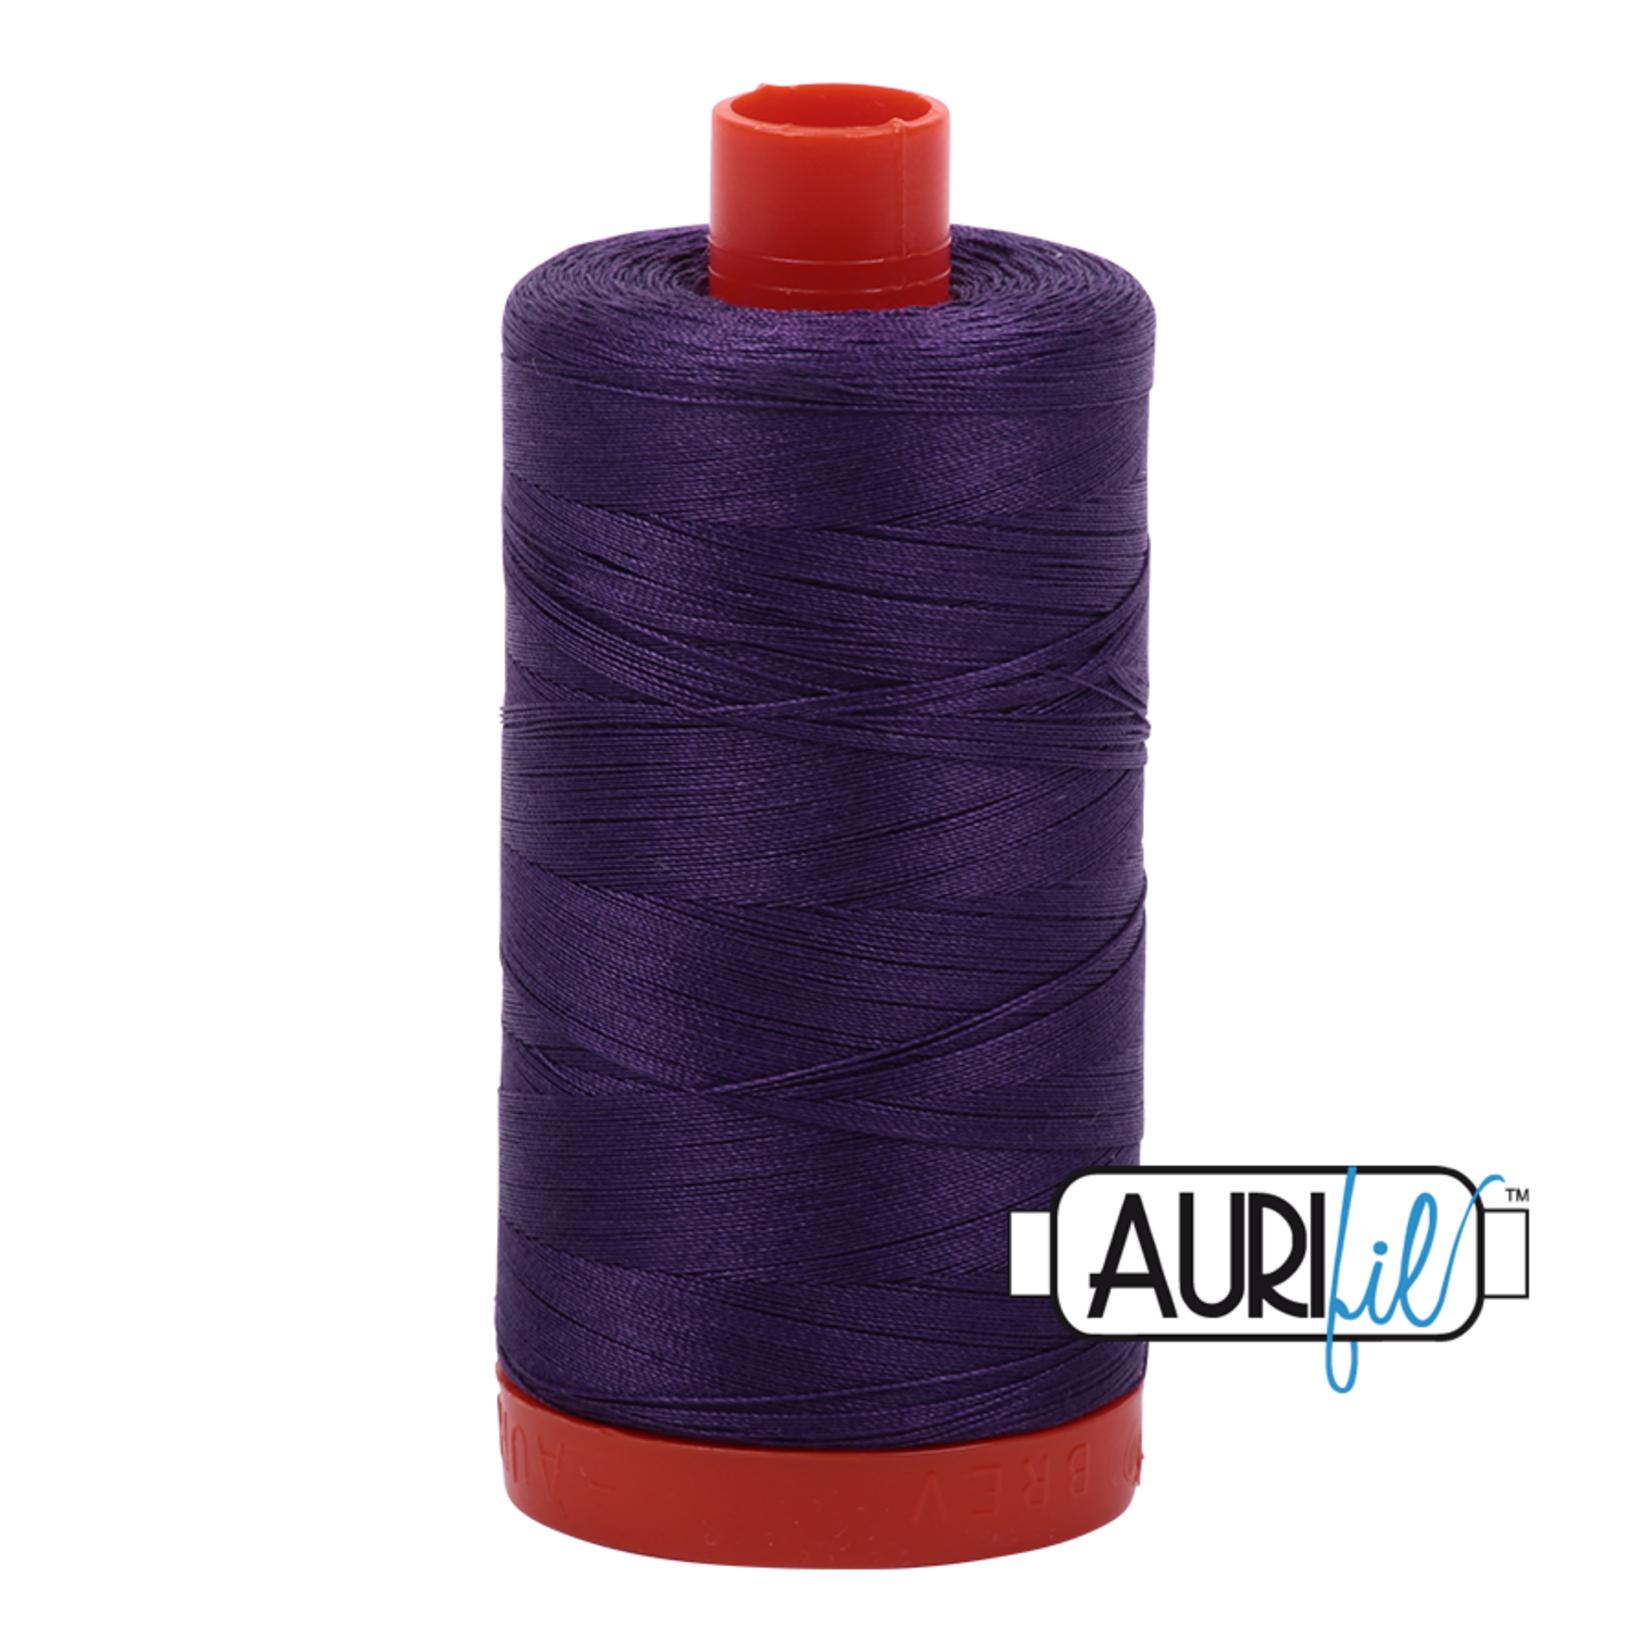 AURIFIL AURIFIL 50 WT Dark Violet 2582